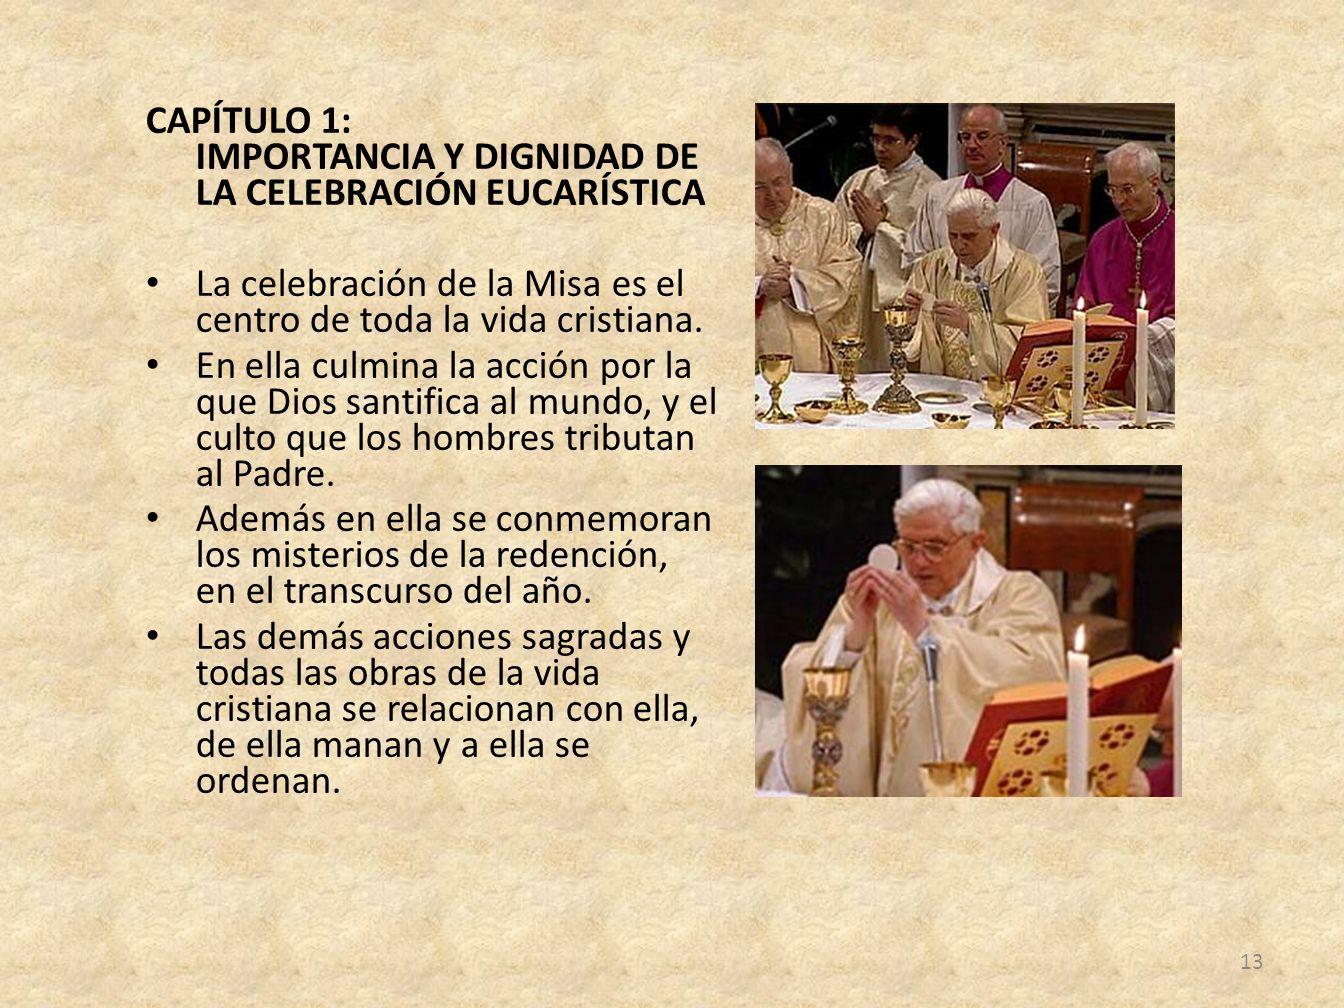 CAPÍTULO 1: IMPORTANCIA Y DIGNIDAD DE LA CELEBRACIÓN EUCARÍSTICA La celebración de la Misa es el centro de toda la vida cristiana. En ella culmina la